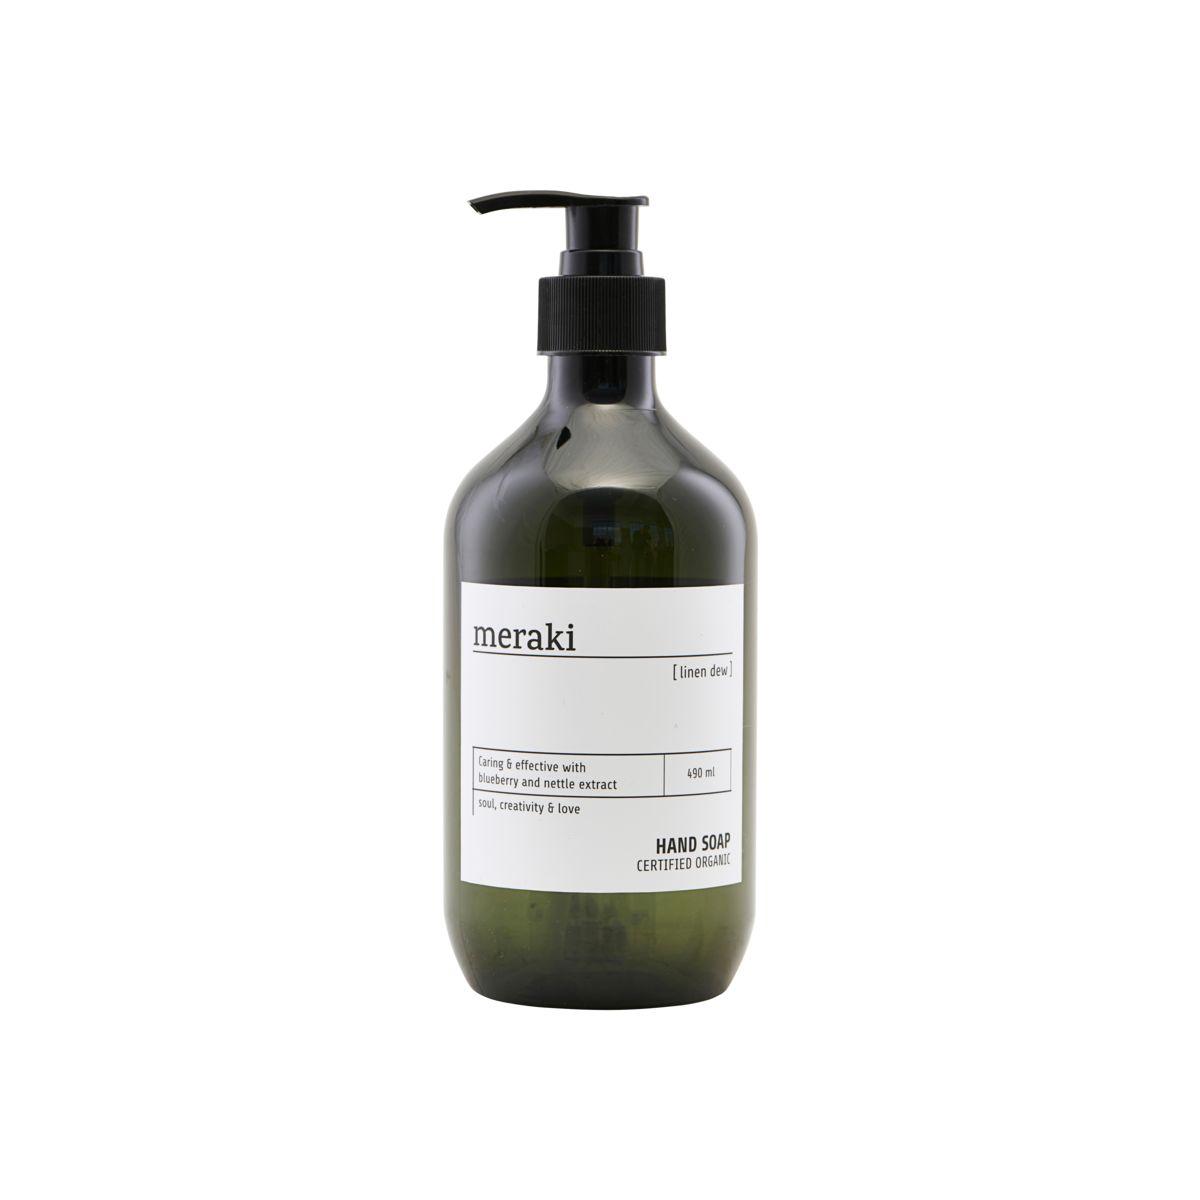 Meraki Linen Dew Hand Soap, 490 ml